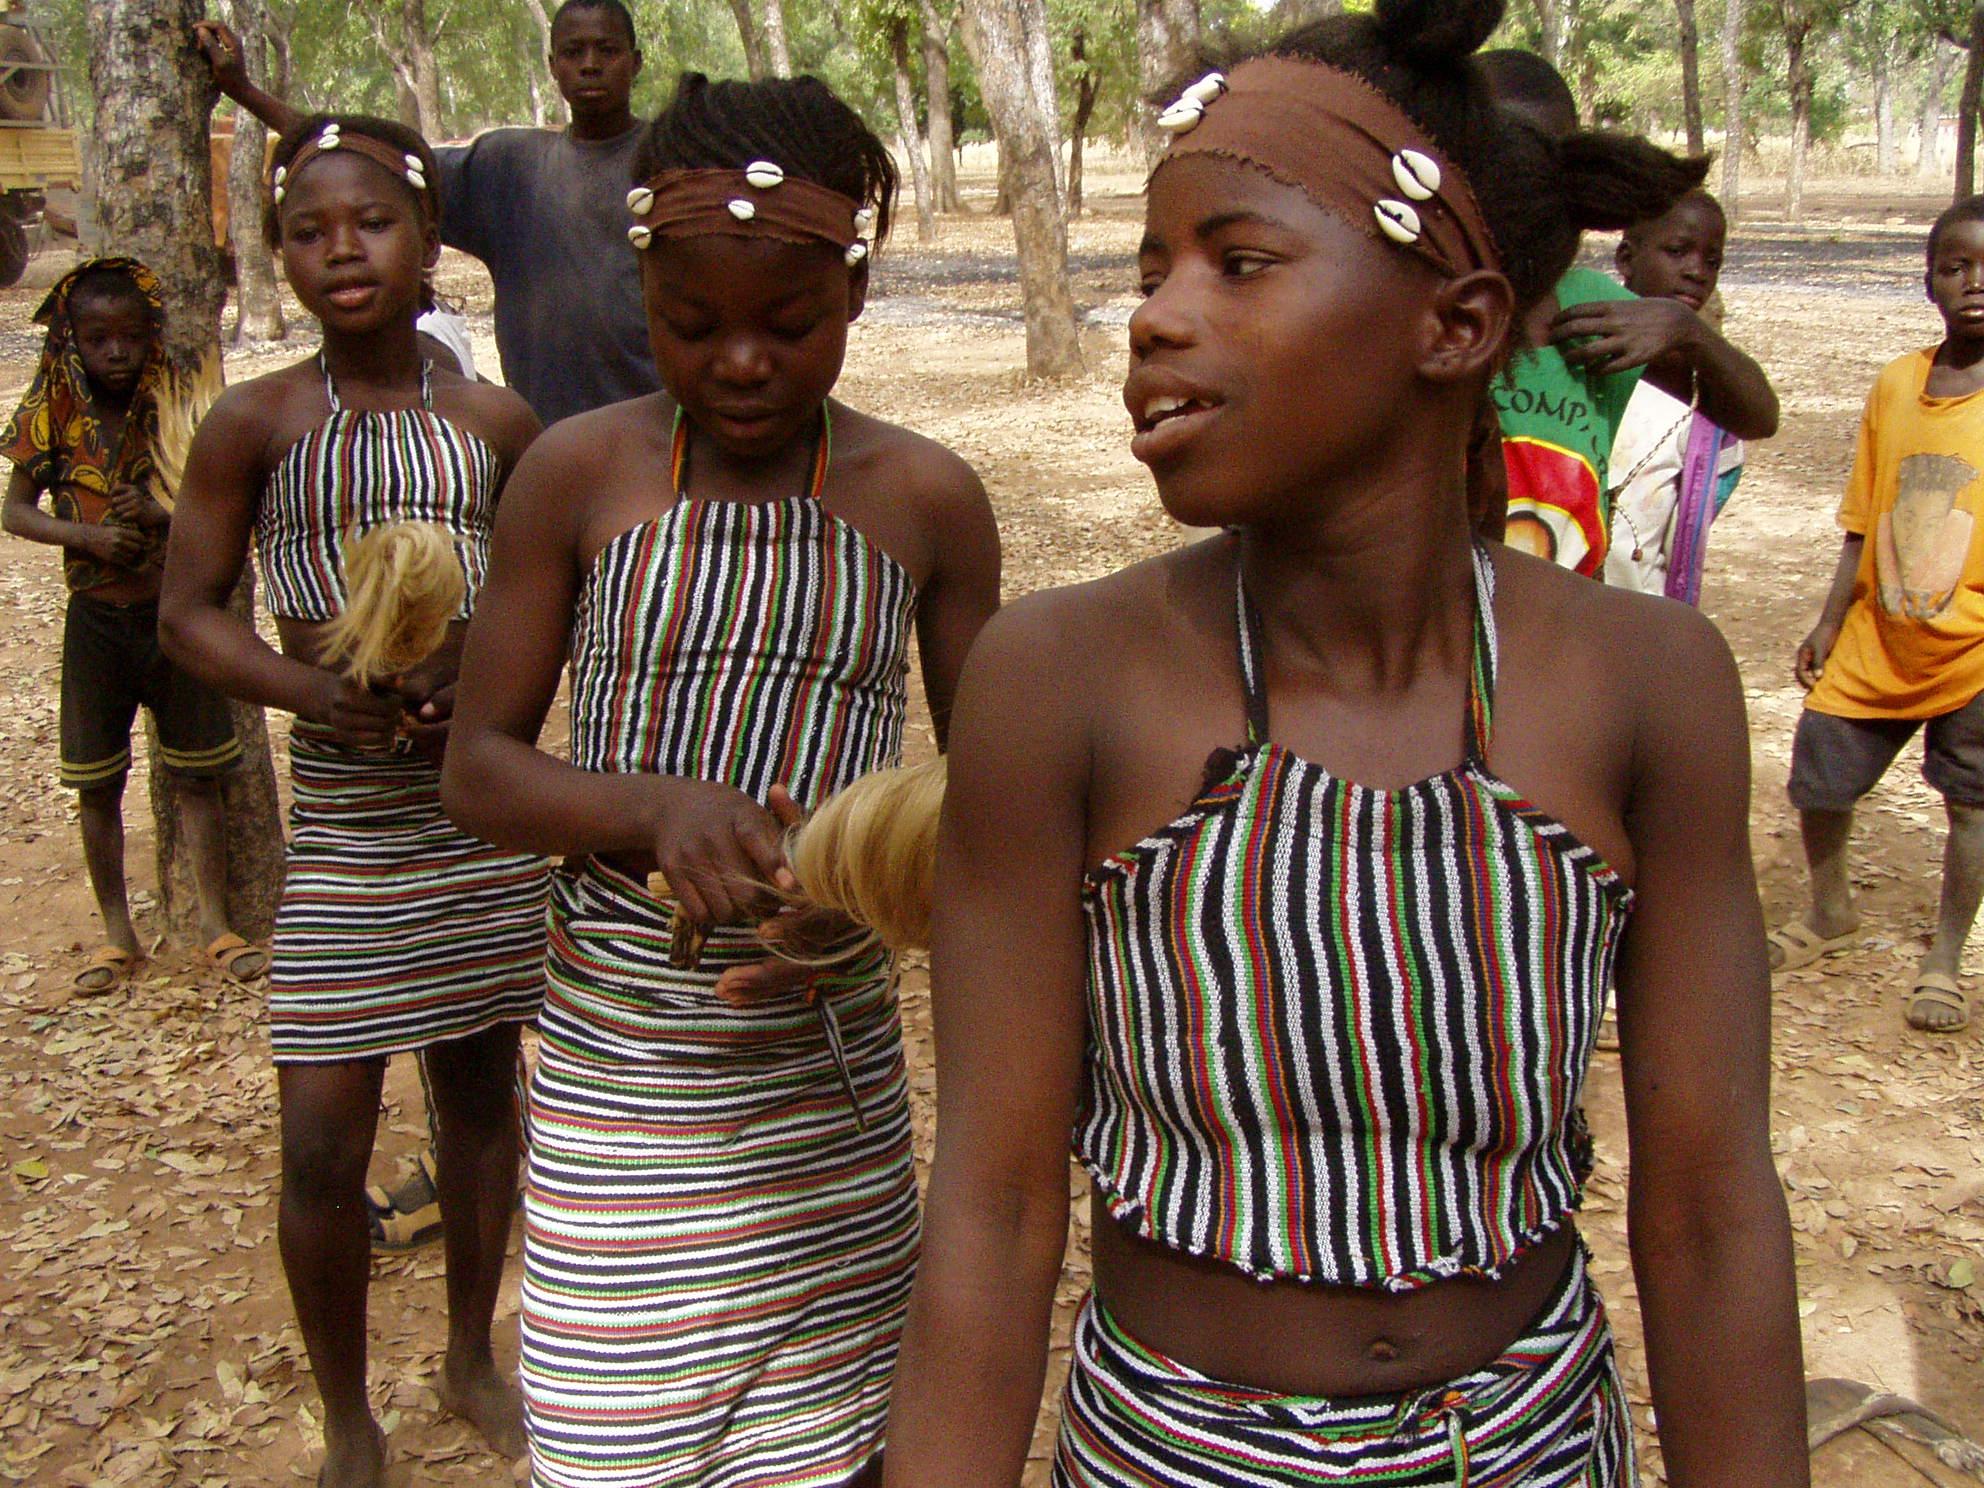 Filles en train de dancer. Girls dancing.